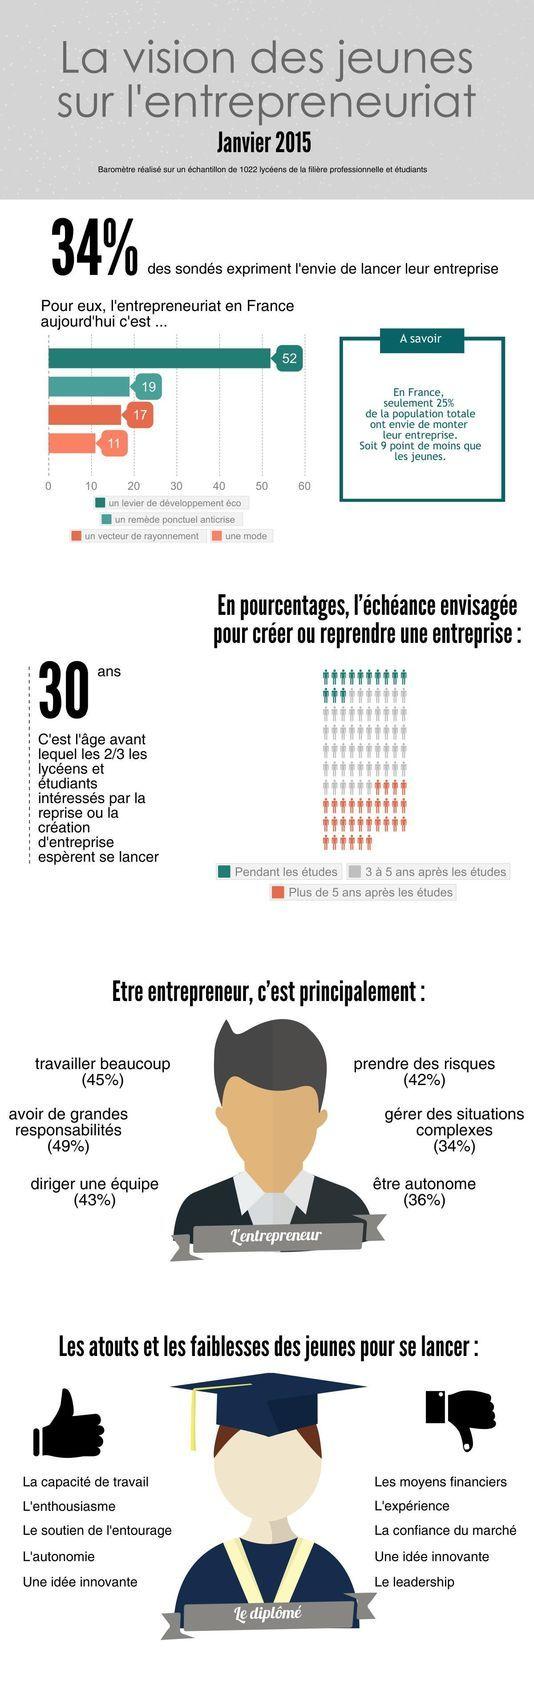 La vision des jeunes sur l'entrepreneuriat